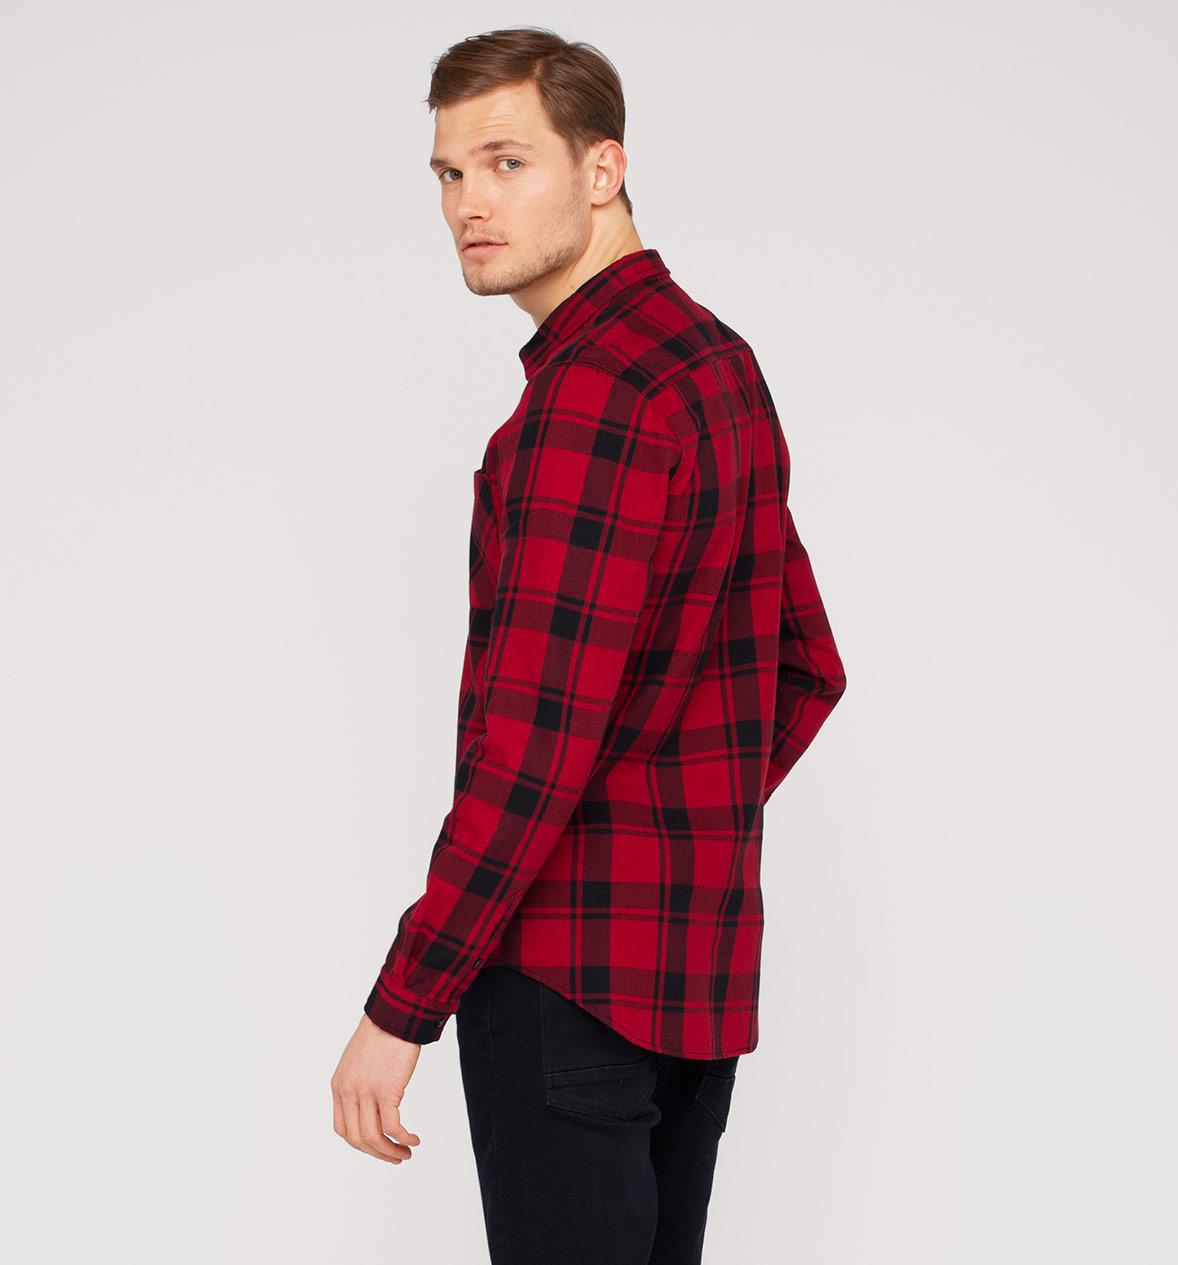 9e01729dd6 Conoce las tendencias para camisas de otoño